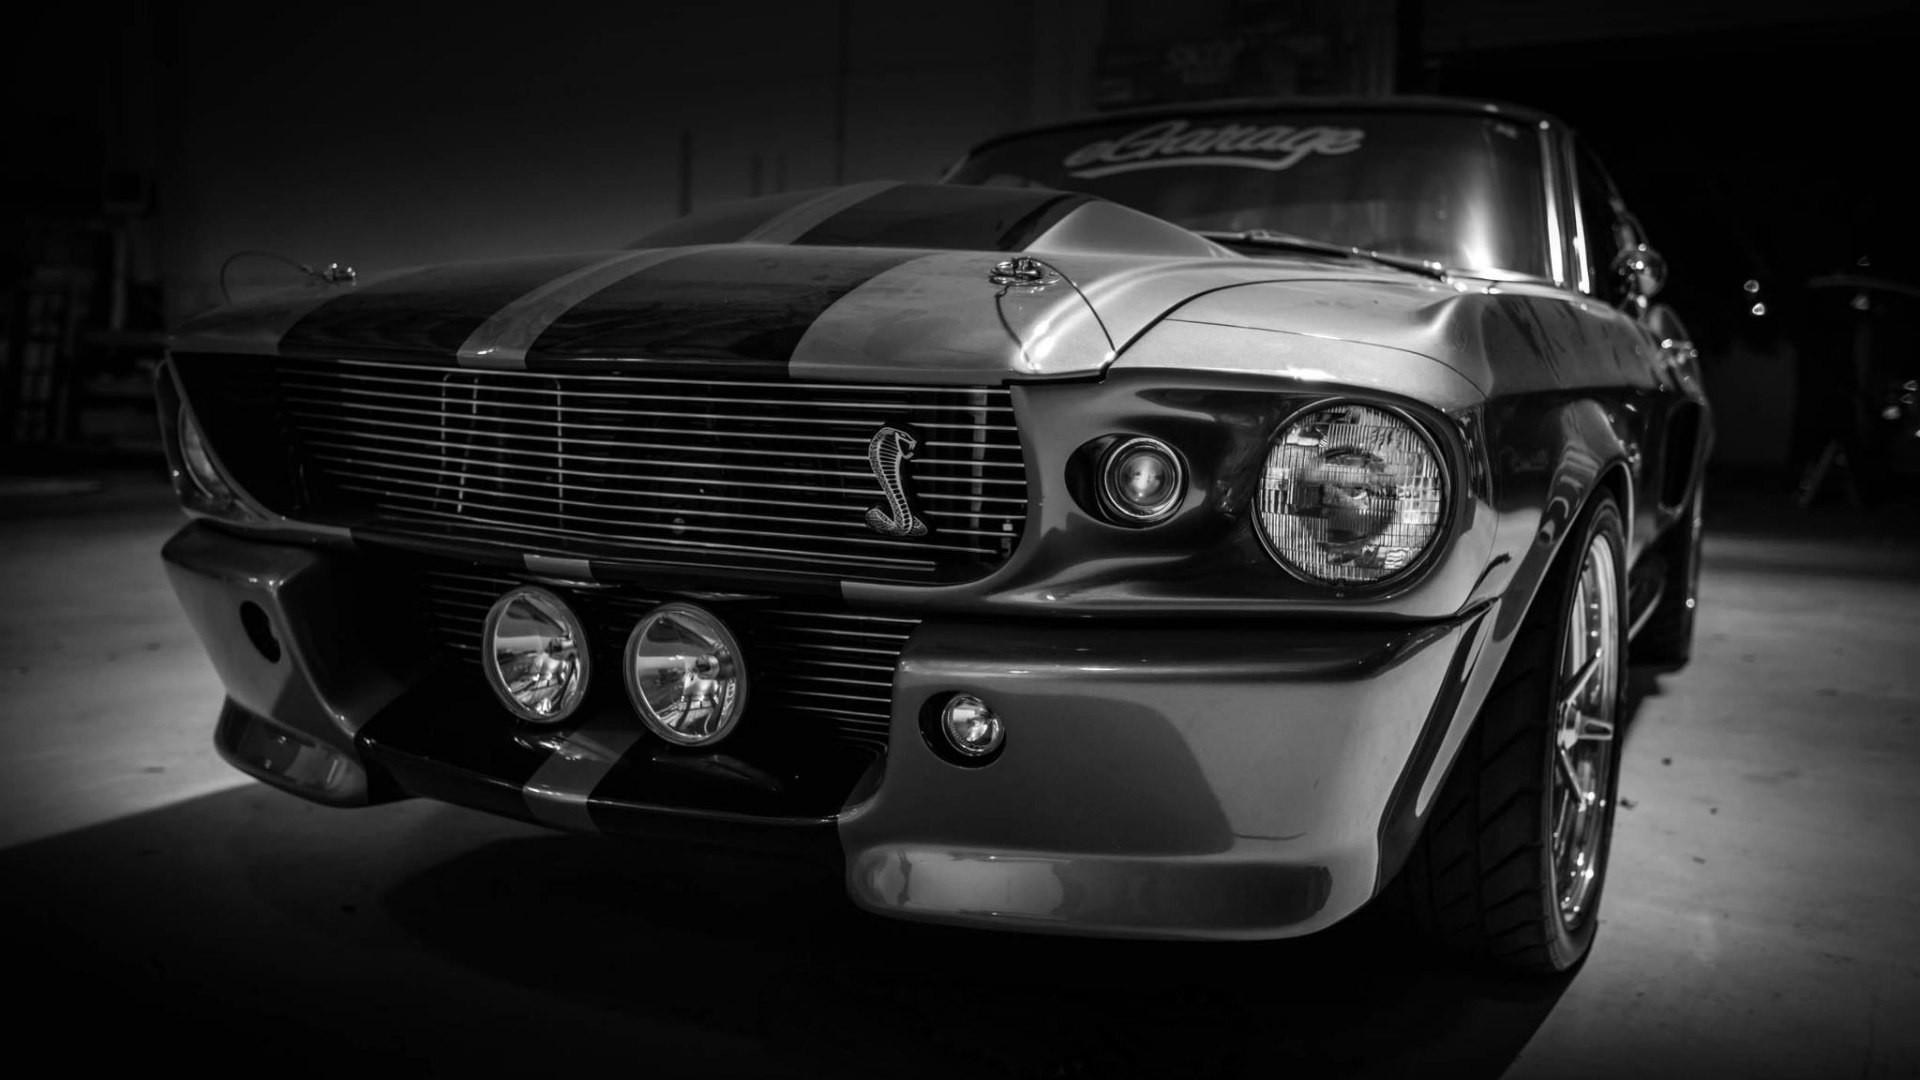 Fond D Ecran 1920x1080 Px Gue Ford Mustang Shelby 1920x1080 689467 Fond D Ecran Wallhere